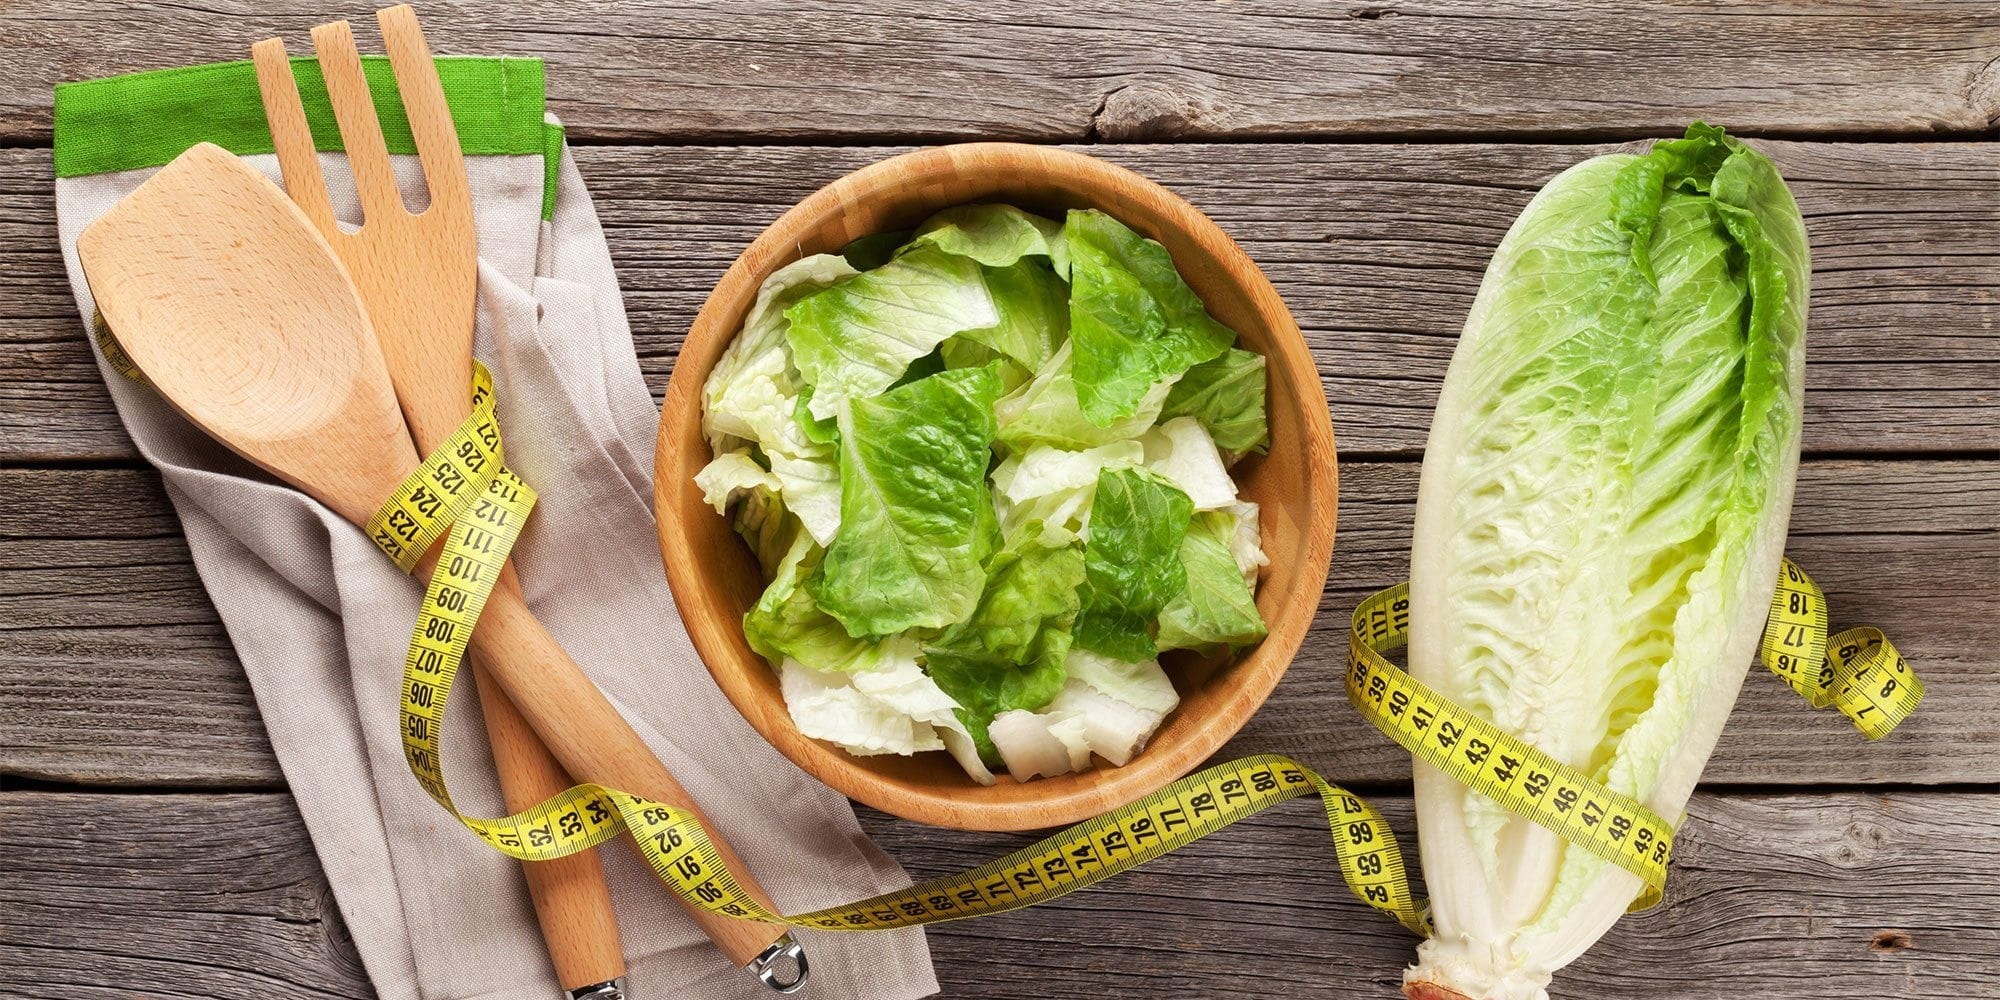 verantwoord afvallen dieet